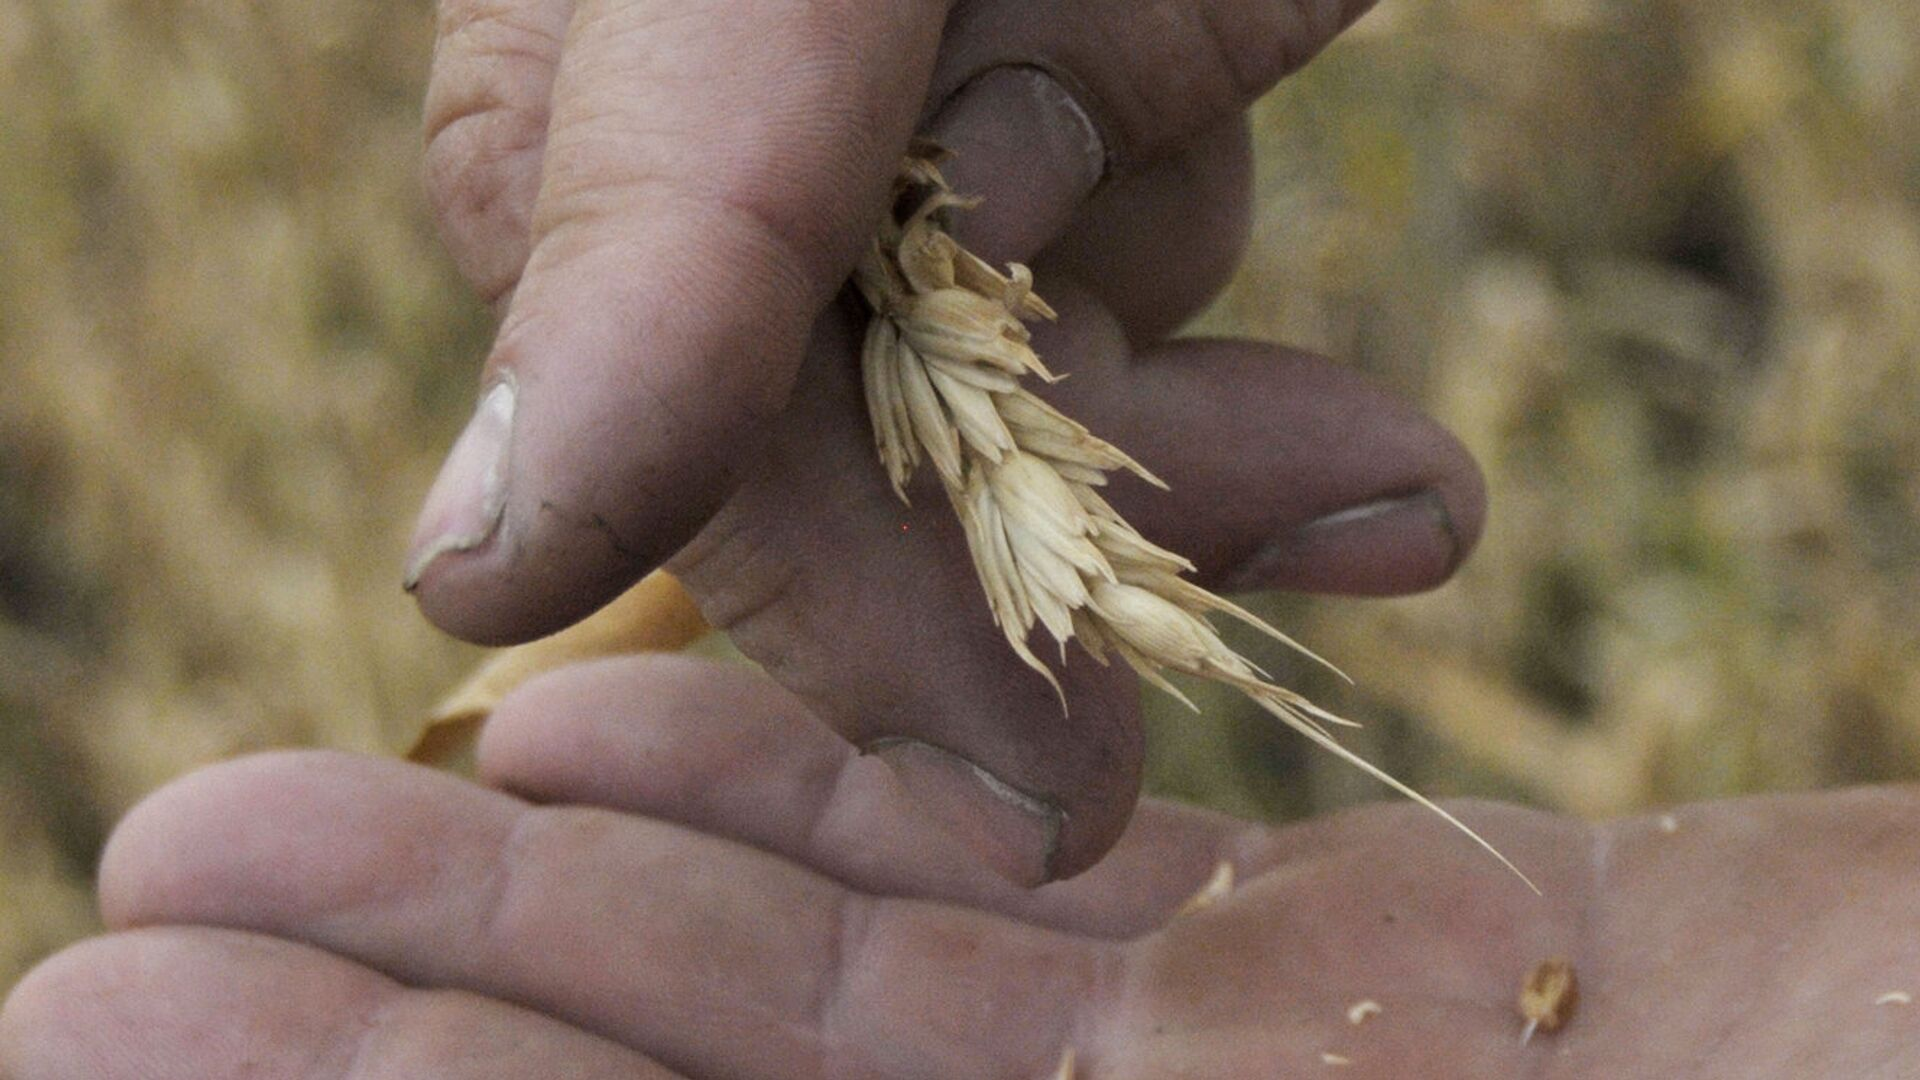 ВНИИ ГОЧС предупредил об угрозе засухи в Оренбургской области на этой неделе